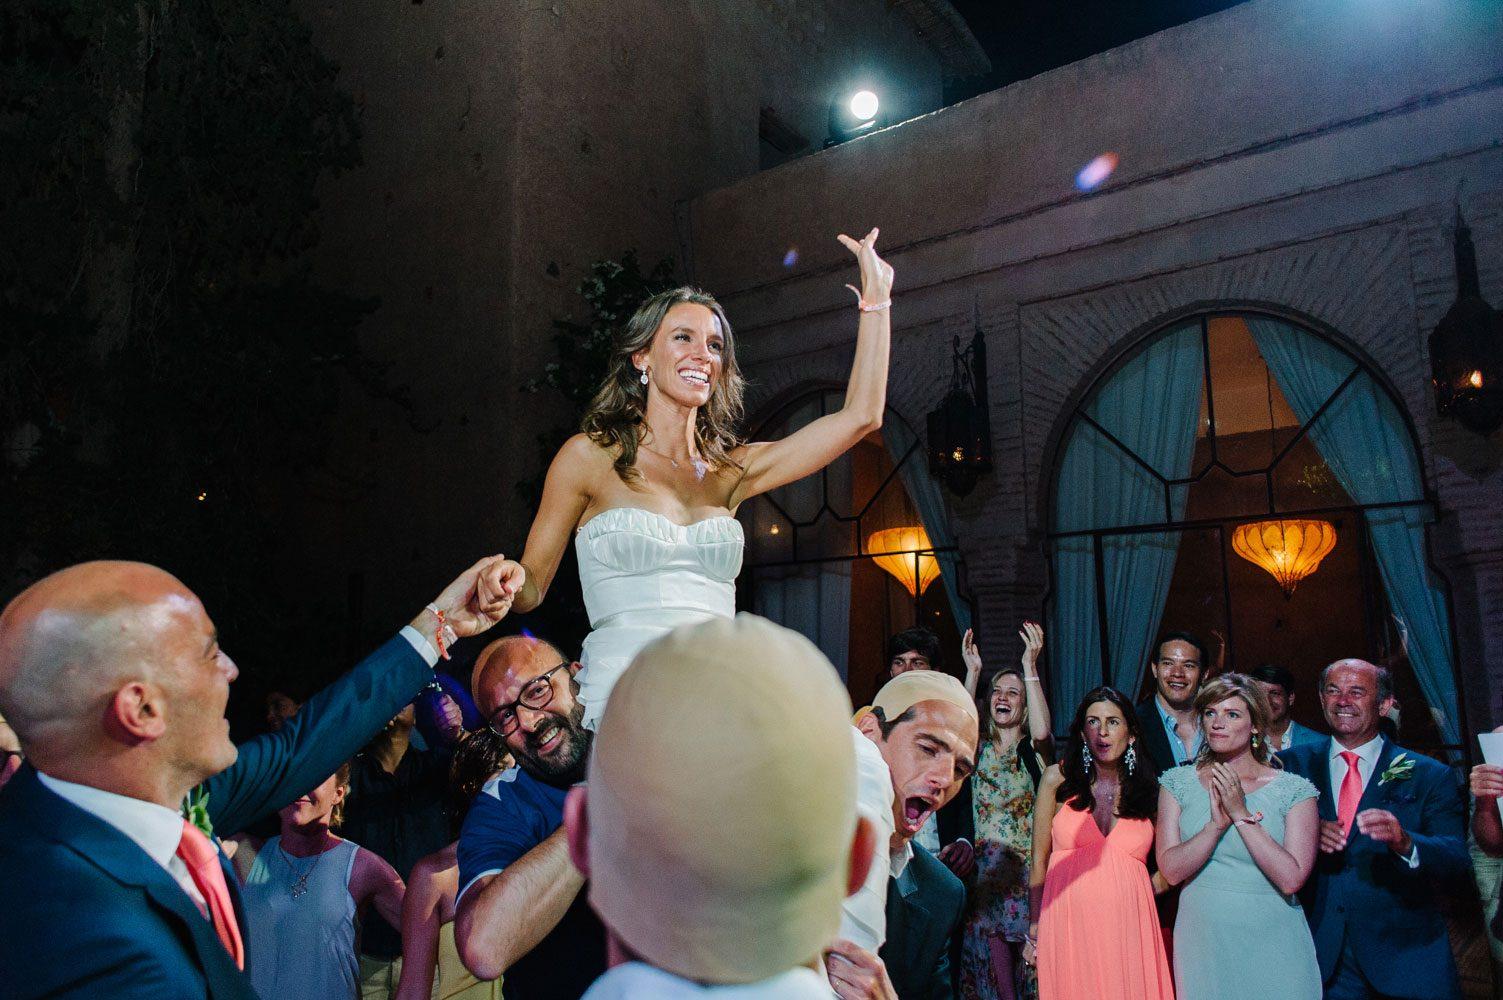 bride raised aloft at beldi club wedding